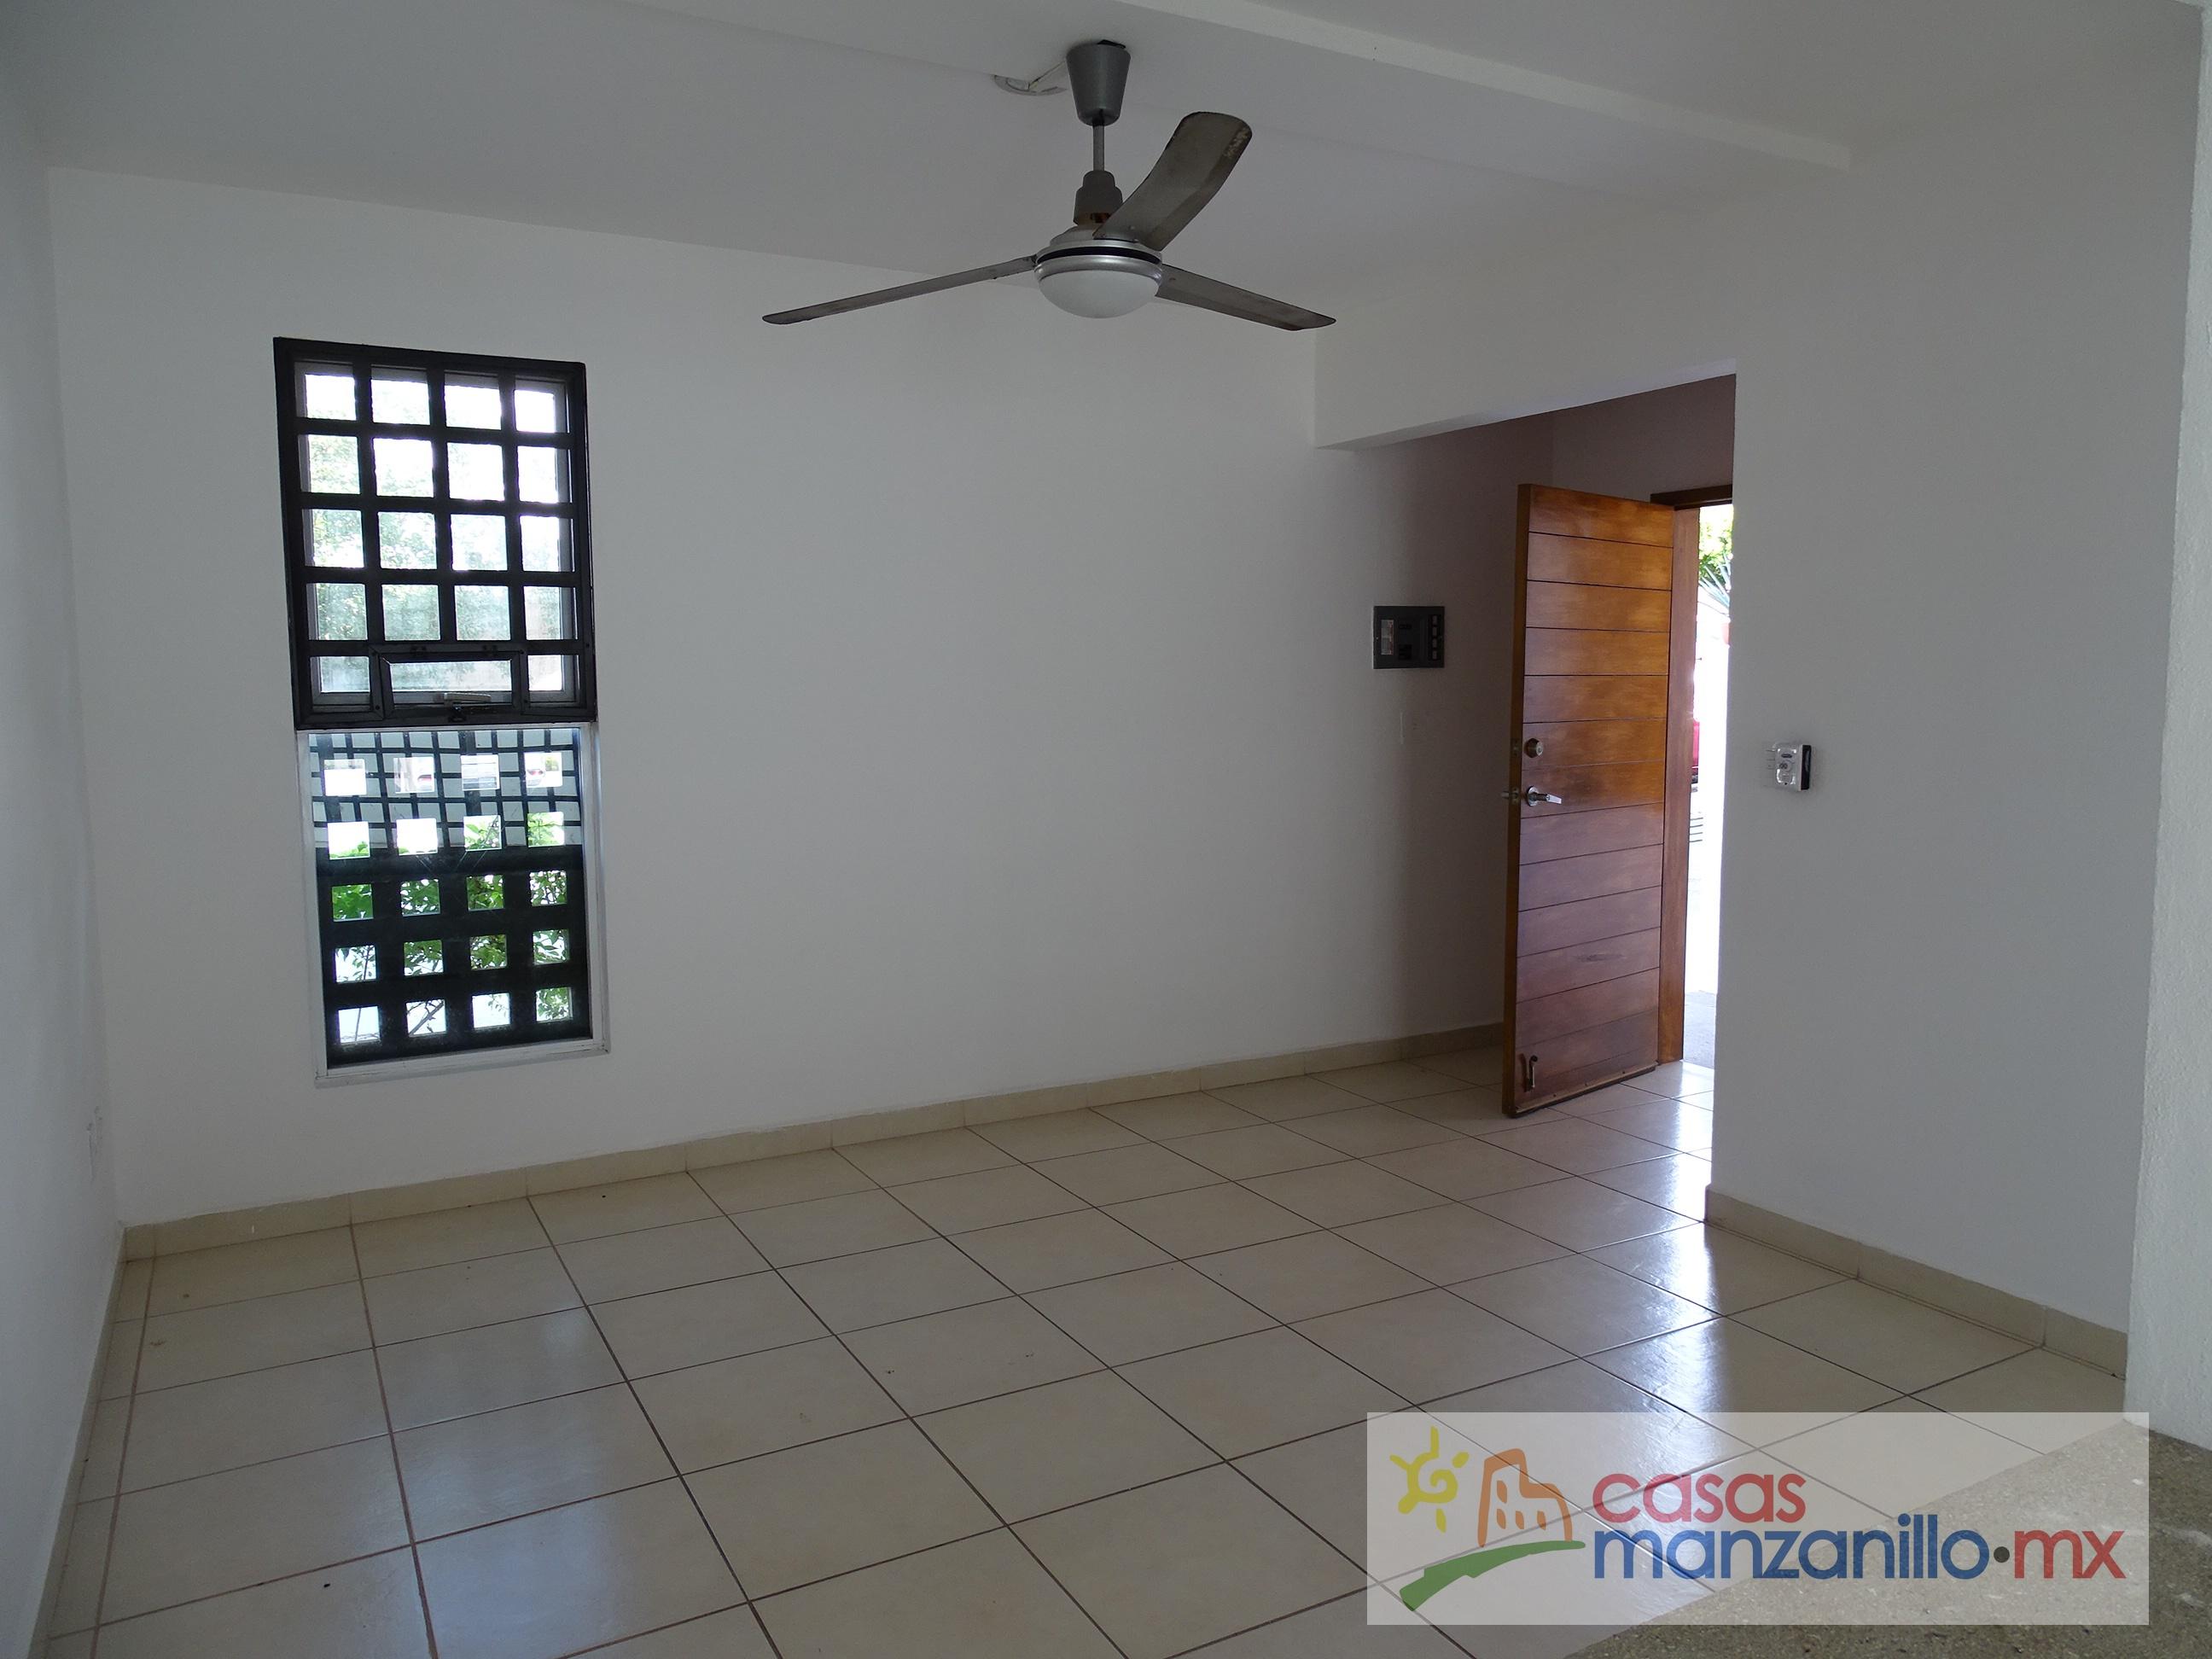 Casas RENTA Manzanillo - Los Altos (8)